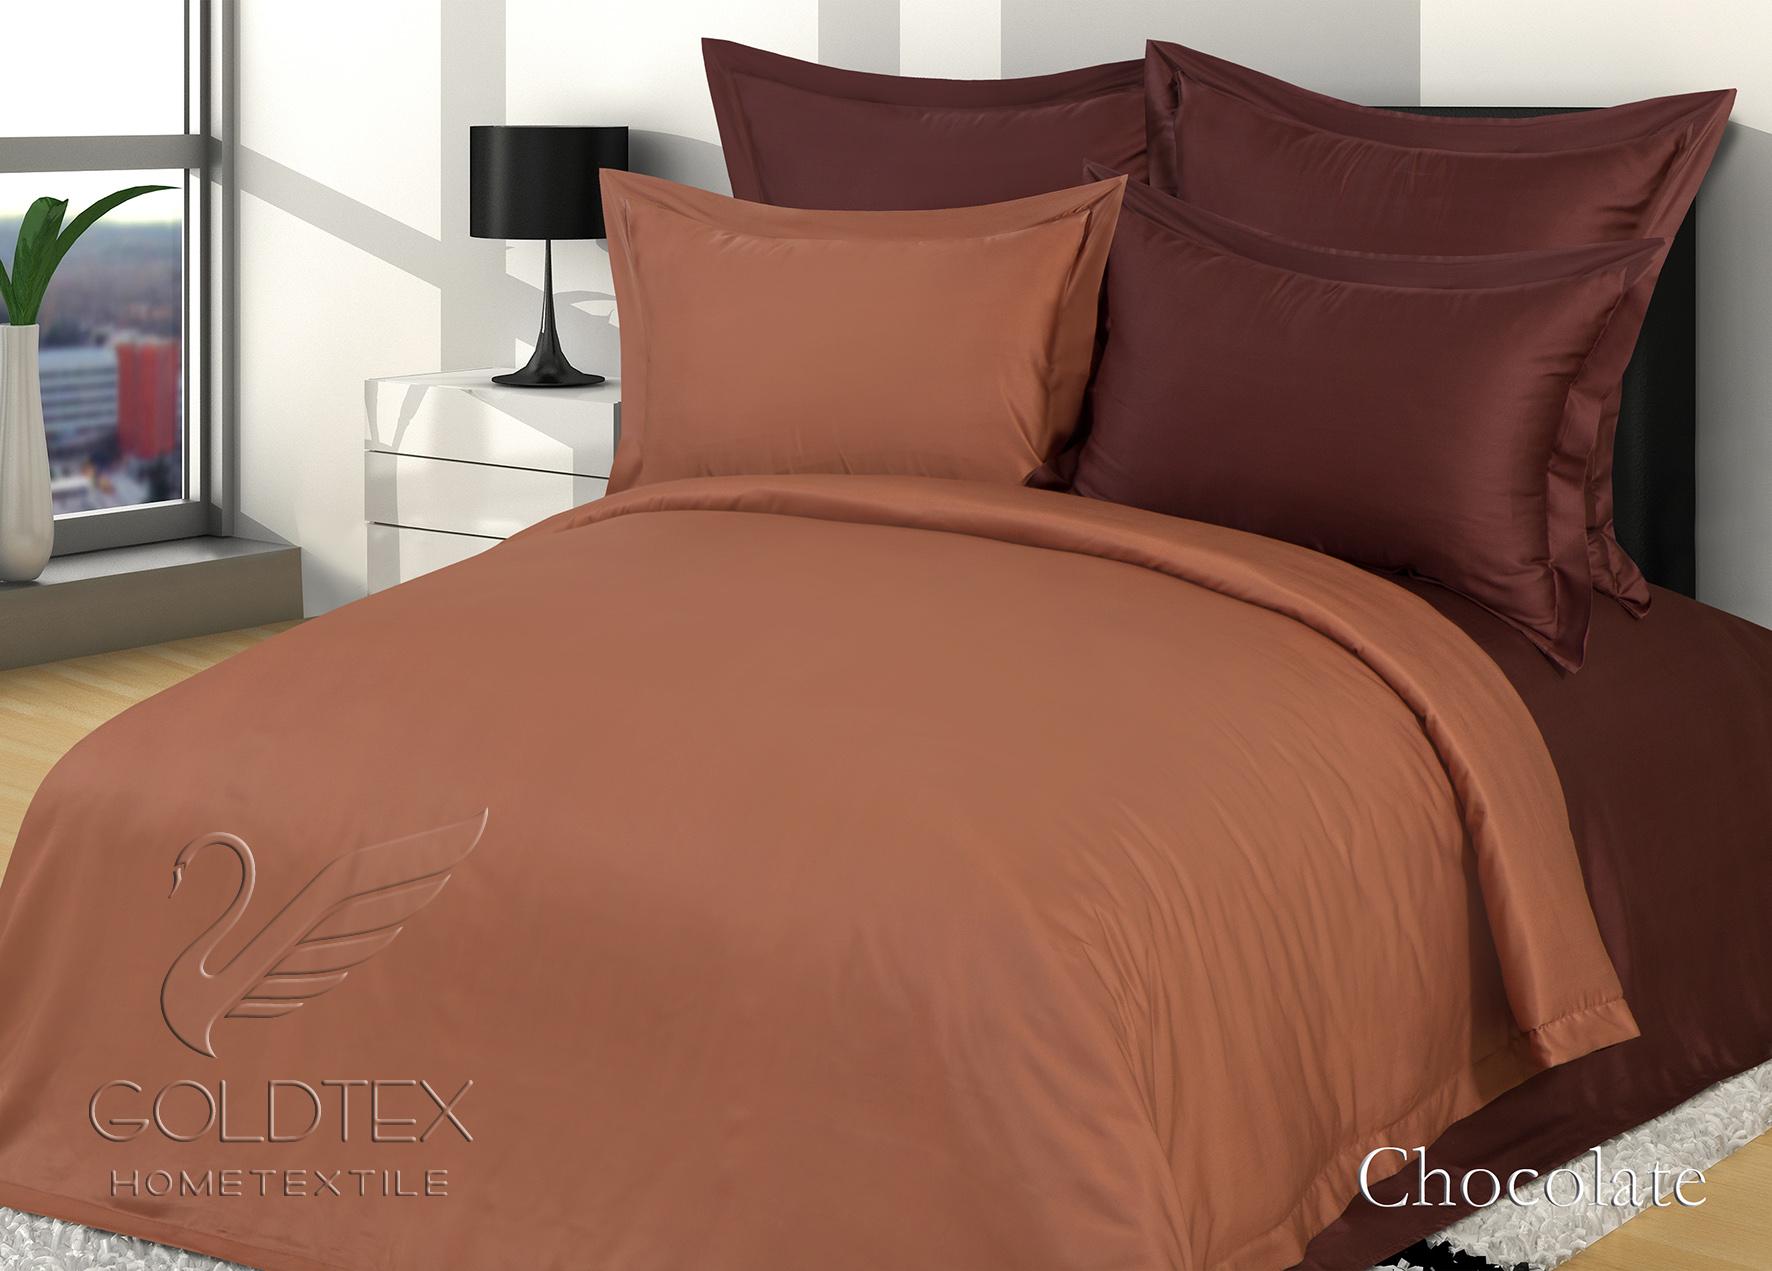 Комплект  Chocolate , размер 2,0-спальный с 4 наволочками - Постельное белье артикул: 10856